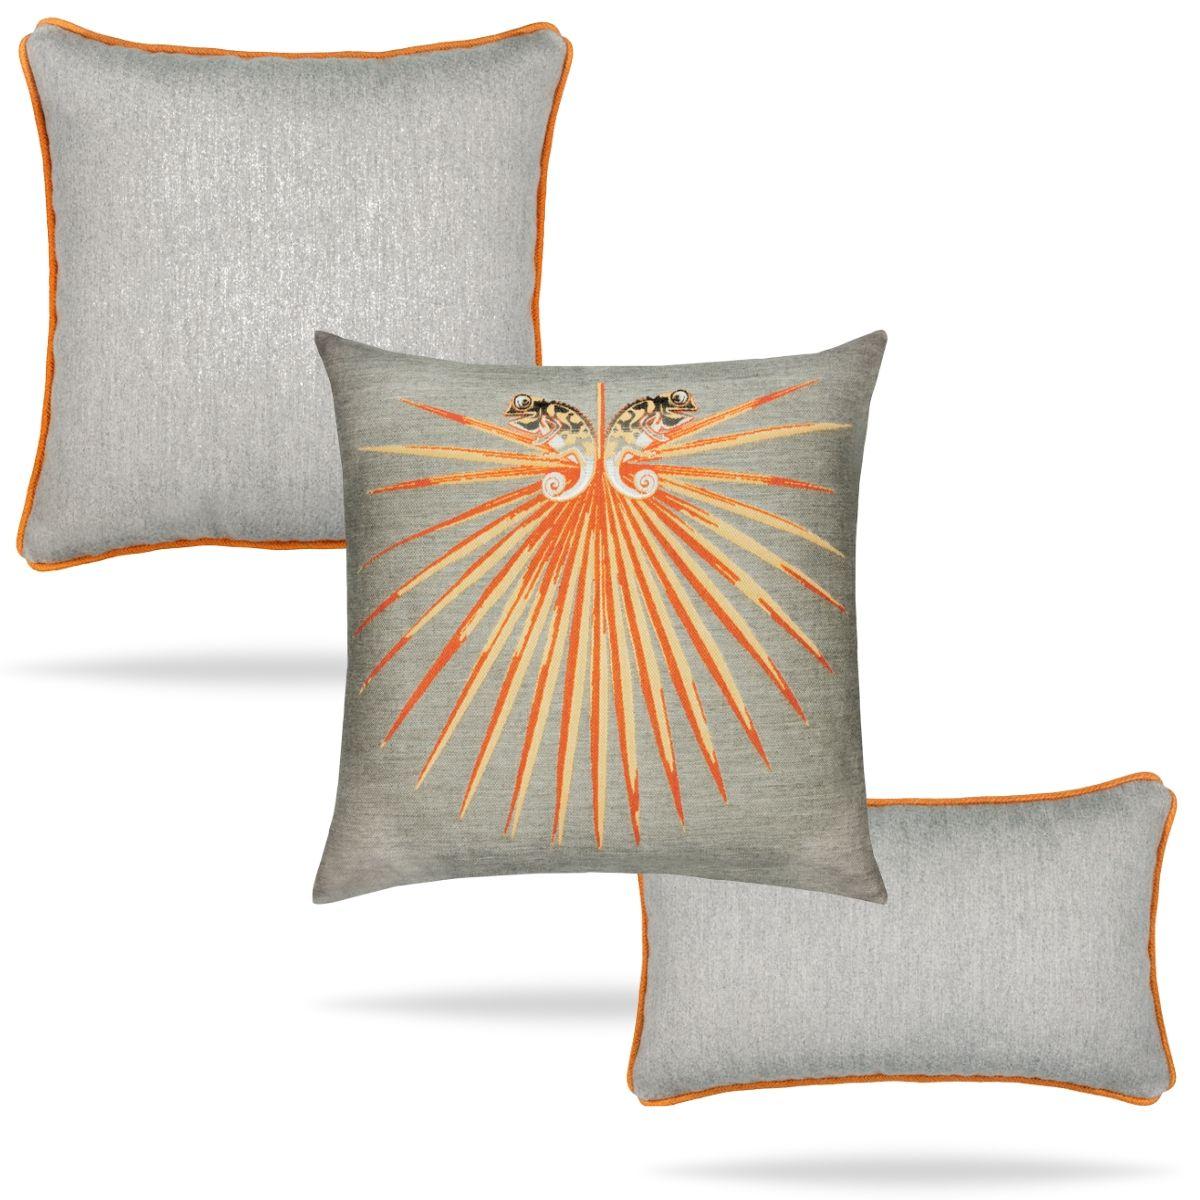 elaine-smith-tangerine-pillows set